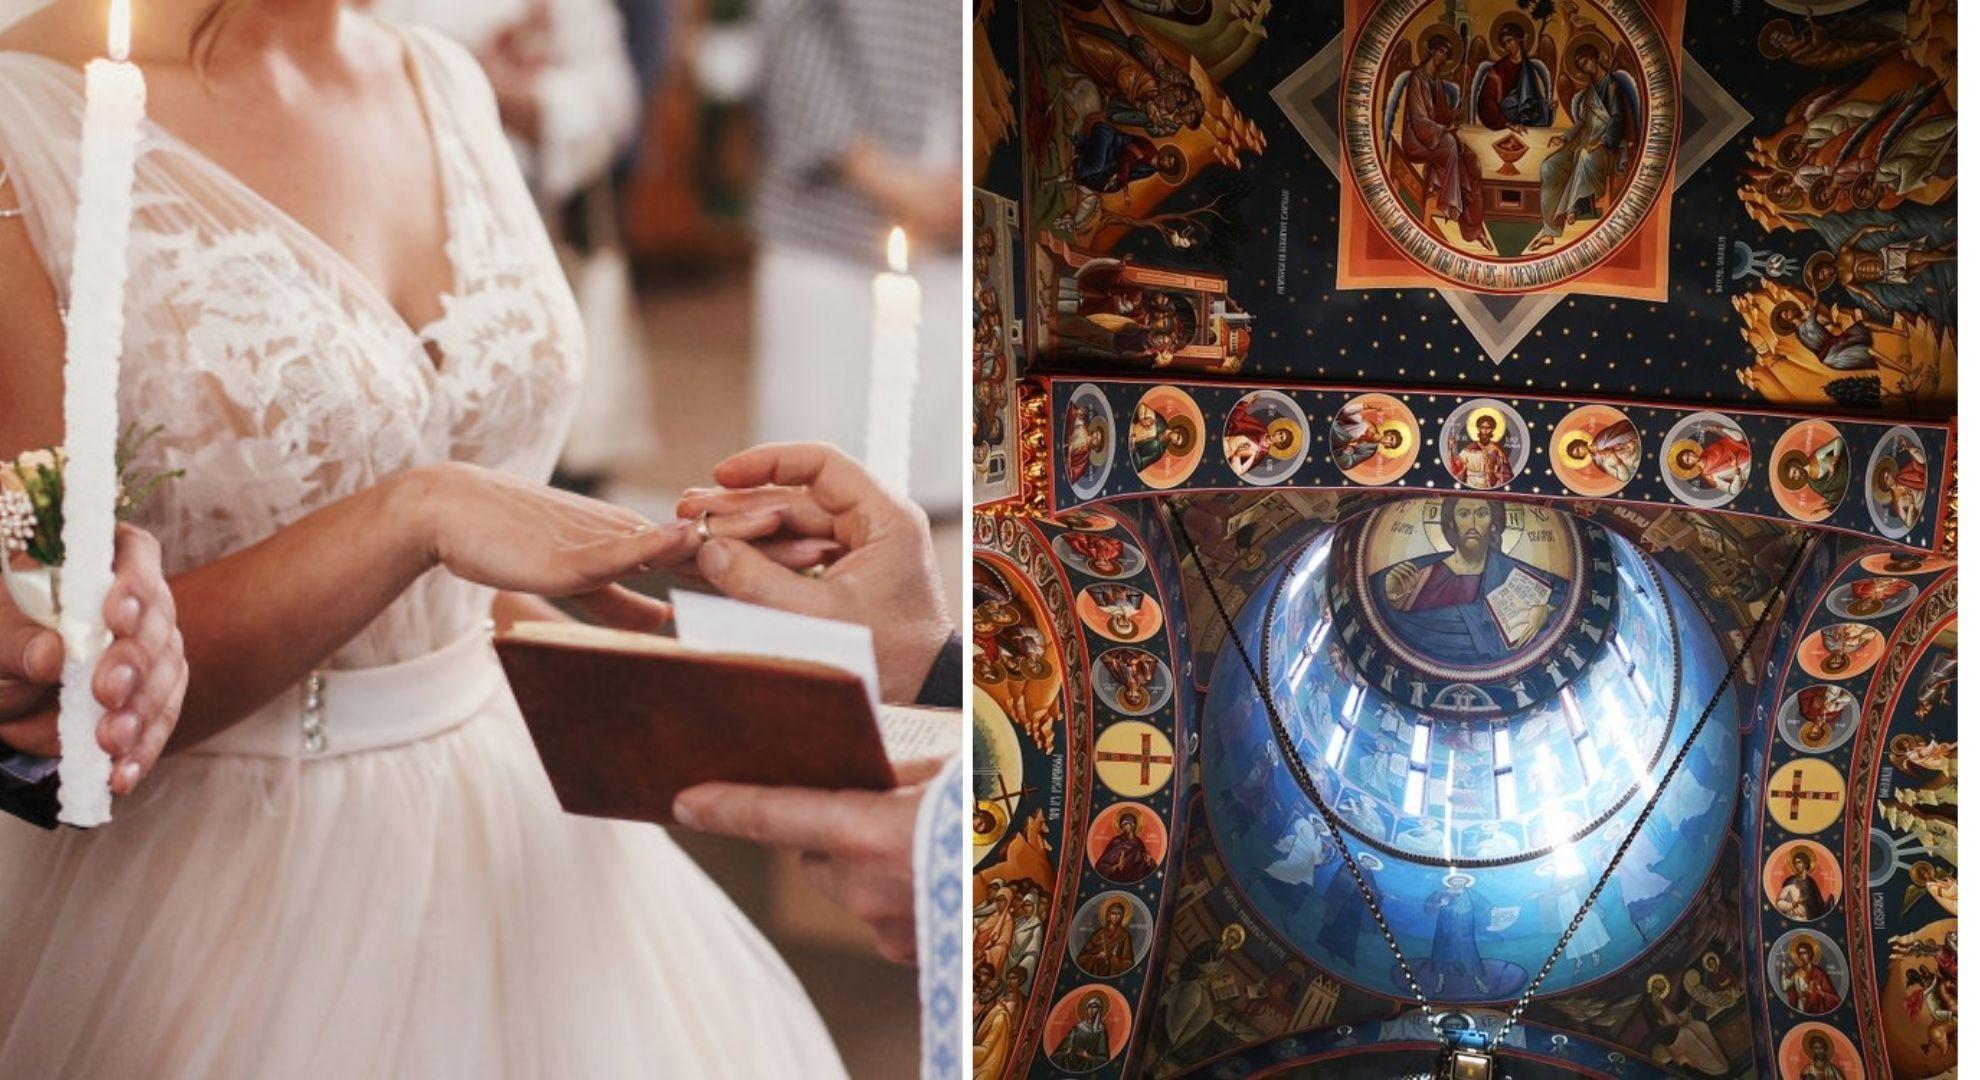 De ce au interzis bisericile nunțile în Postul Crăciunului